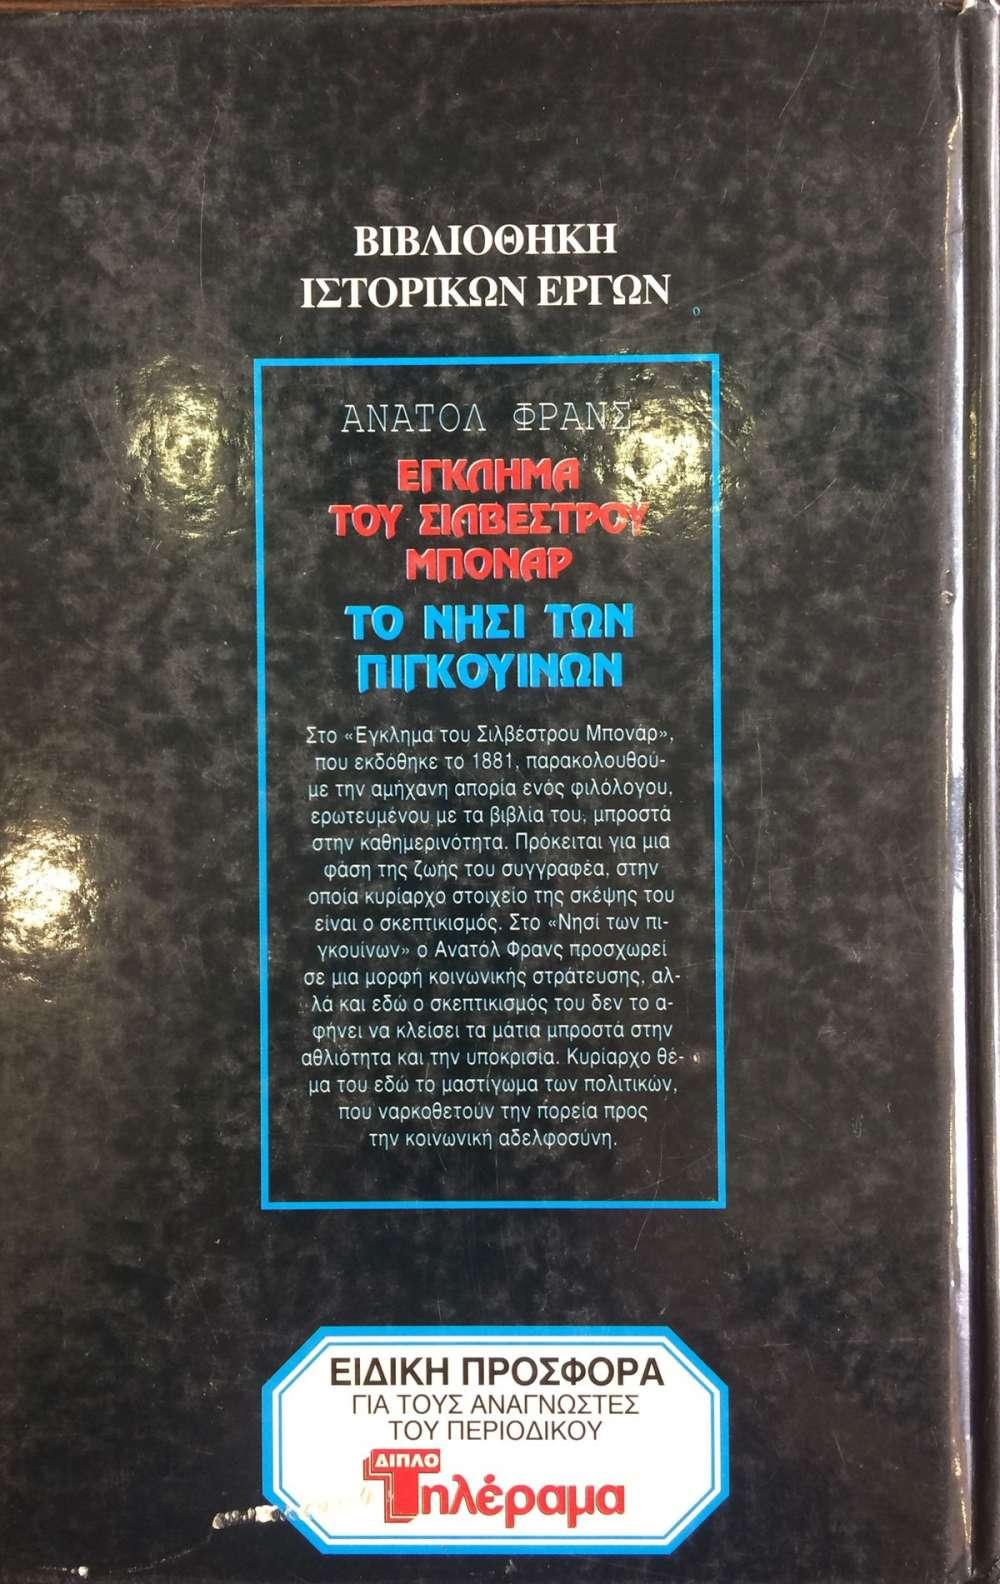 ΤΟ ΕΓΚΛΗΜΑ ΤΟΥ ΣΙΛΒΕΣΤΡΟΥ ΜΠΟΝΝΑΡ   ΤΟ ΝΗΣΙ ΤΩΝ ΠΙΓΚΟΥΙΝΩΝ - πίξελbooks fffc50a8650